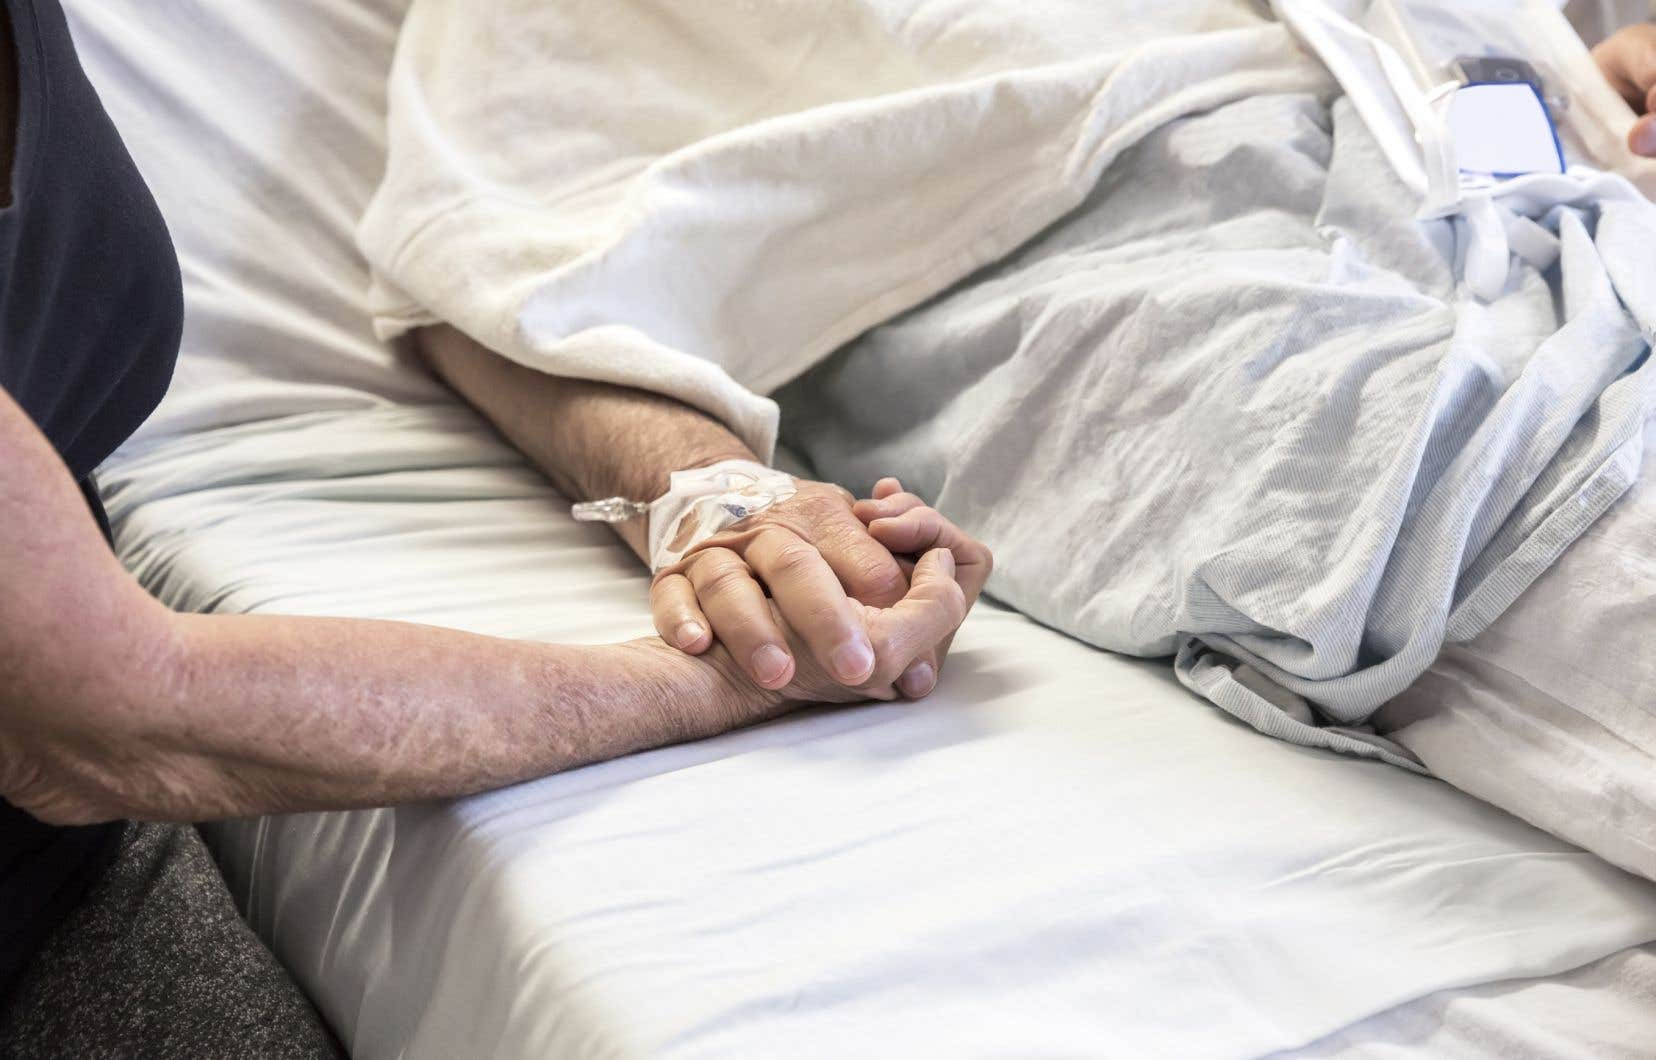 Ottawa met au rancart l'obligation d'être en fin de vie pour obtenir l'aide médicale à mourir, comme le demandait la Cour supérieure du Québec.